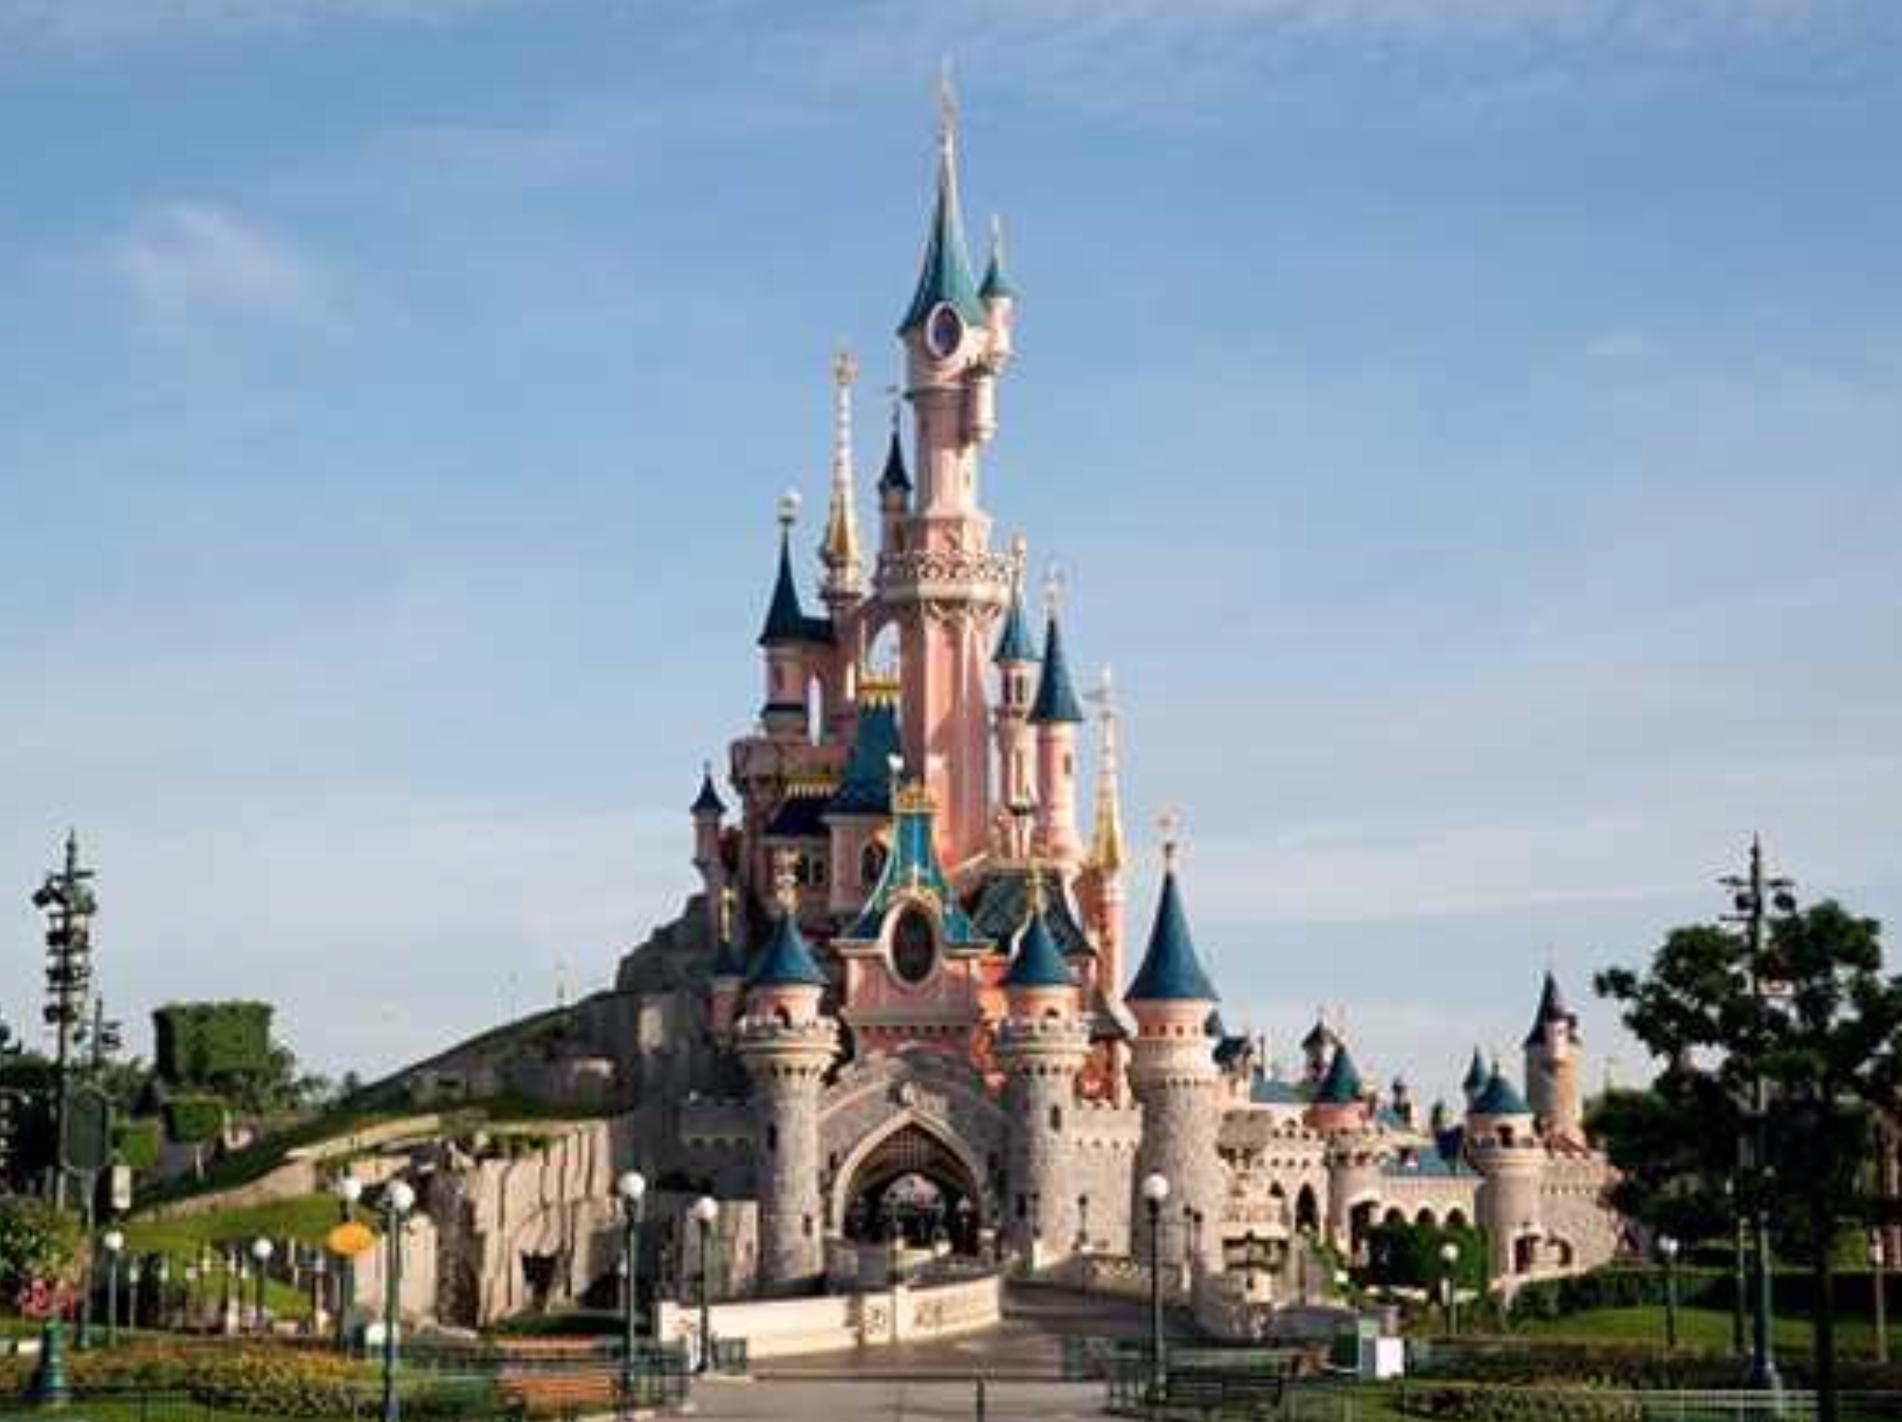 Last Minute Weihnachtsgeschenk: Gutschein fürs Disneyland: 1 Nacht inkl. Frühstück + Eintritte für Zwei + 20€ Gutschein für euch